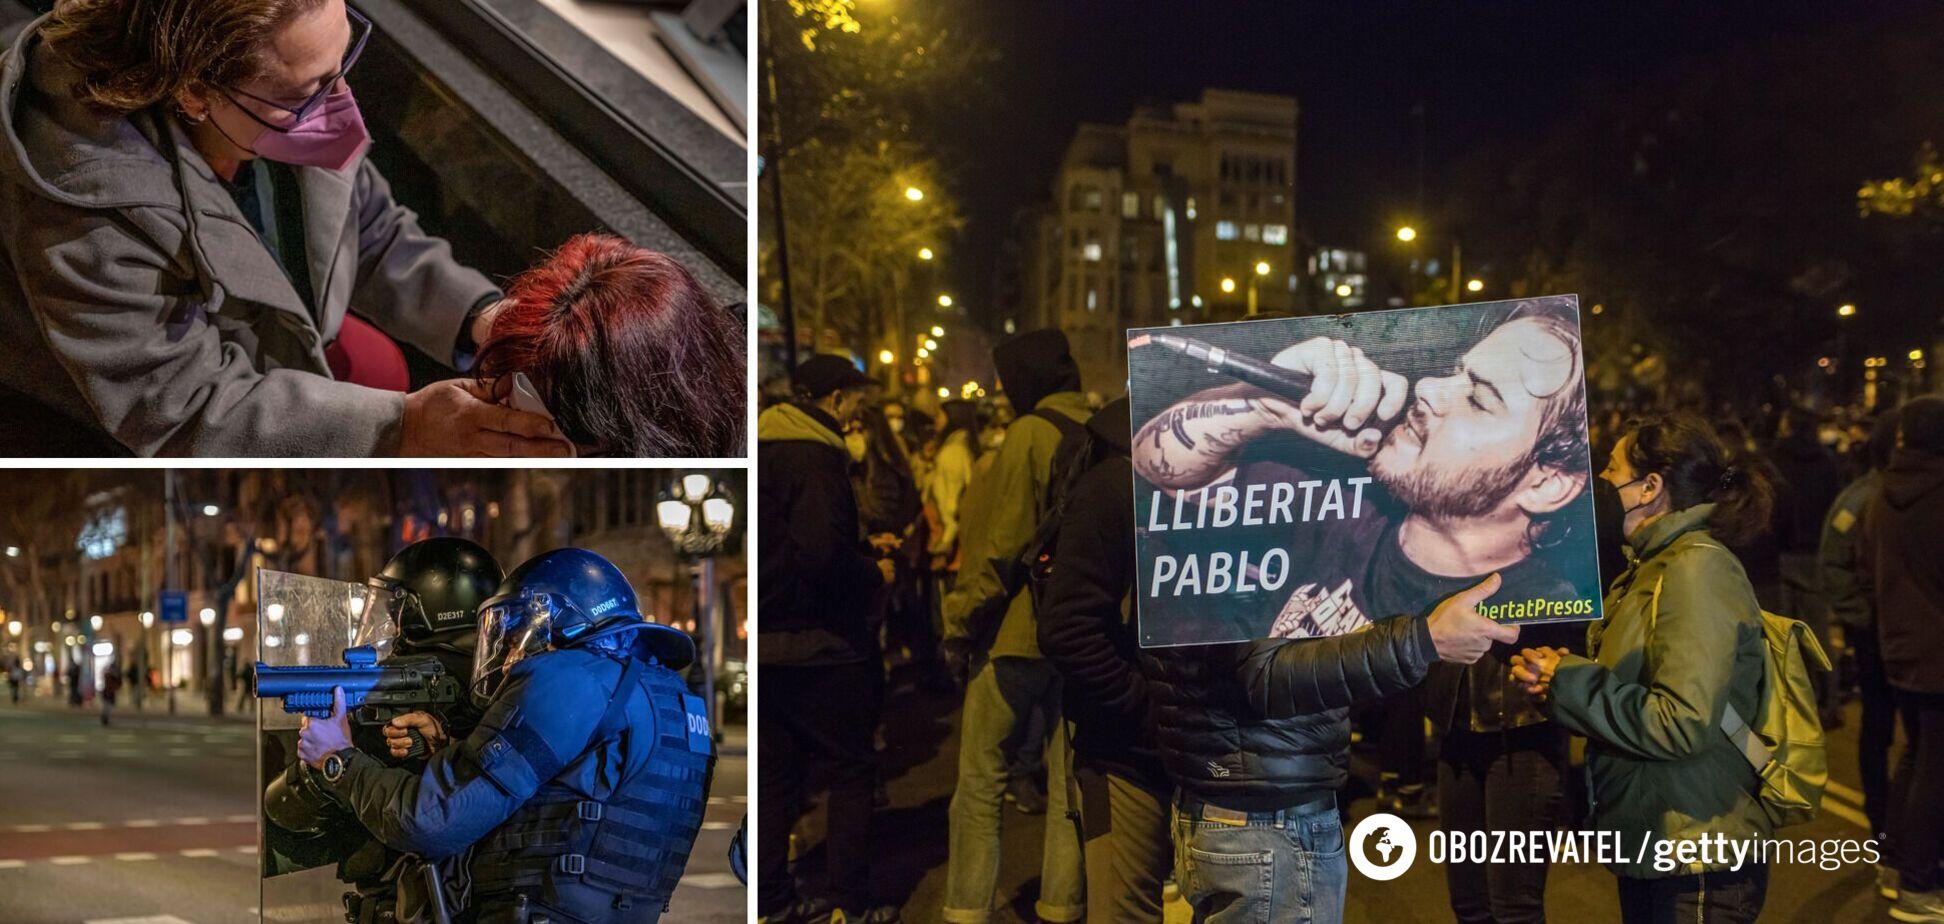 В Іспанії сталися масові погроми і сутички з копами через репера. Фото та відео